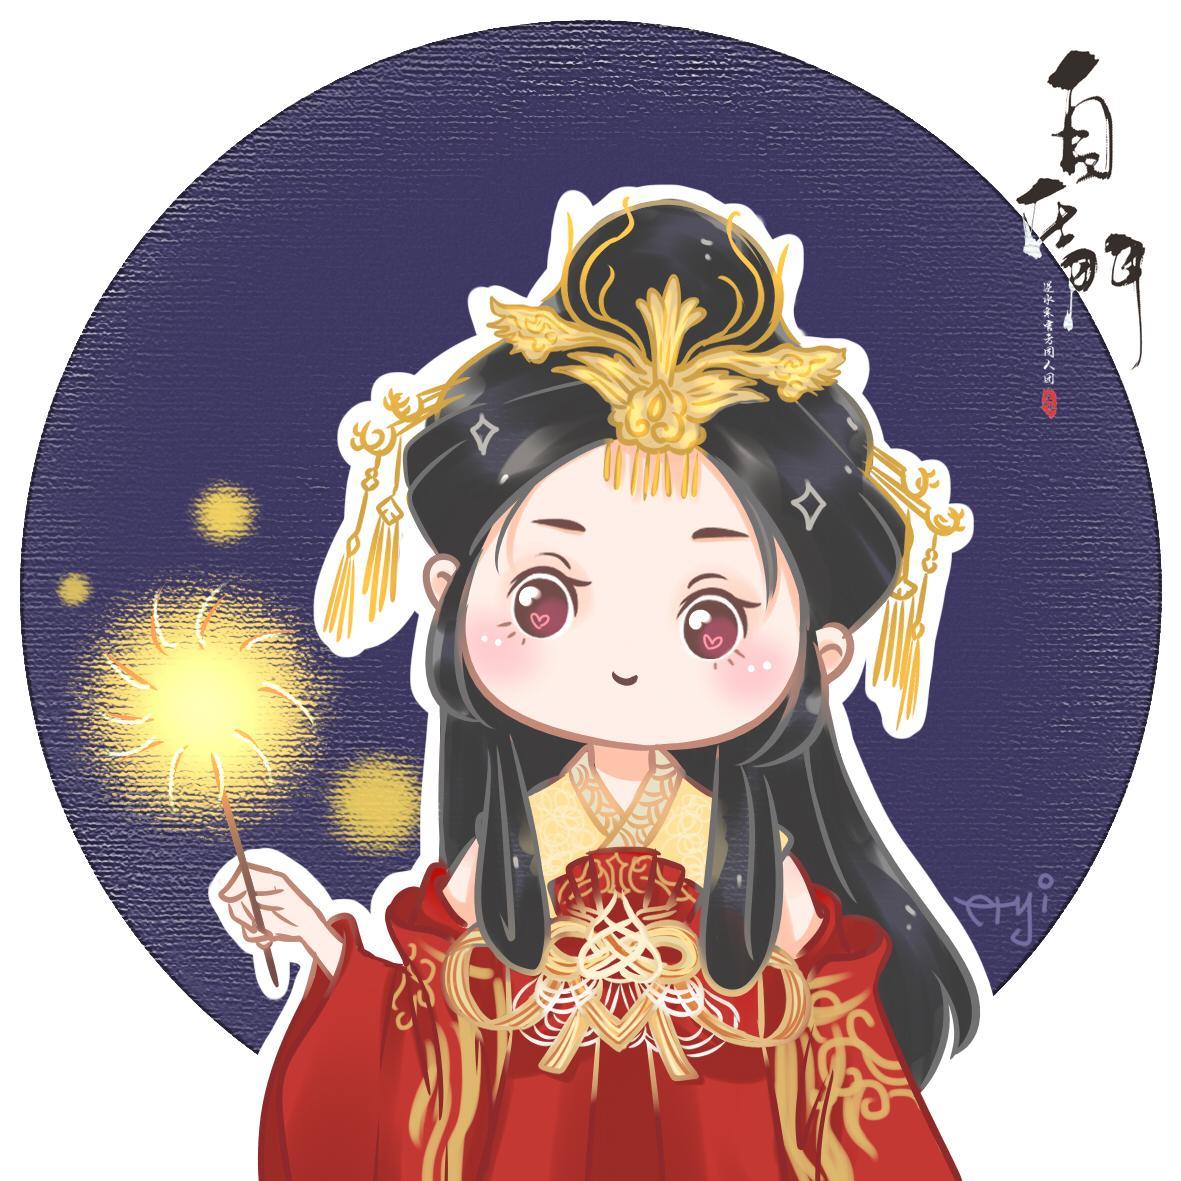 新春佳节·一起放烟花吧·虹影流霞【自在门】【手绘】